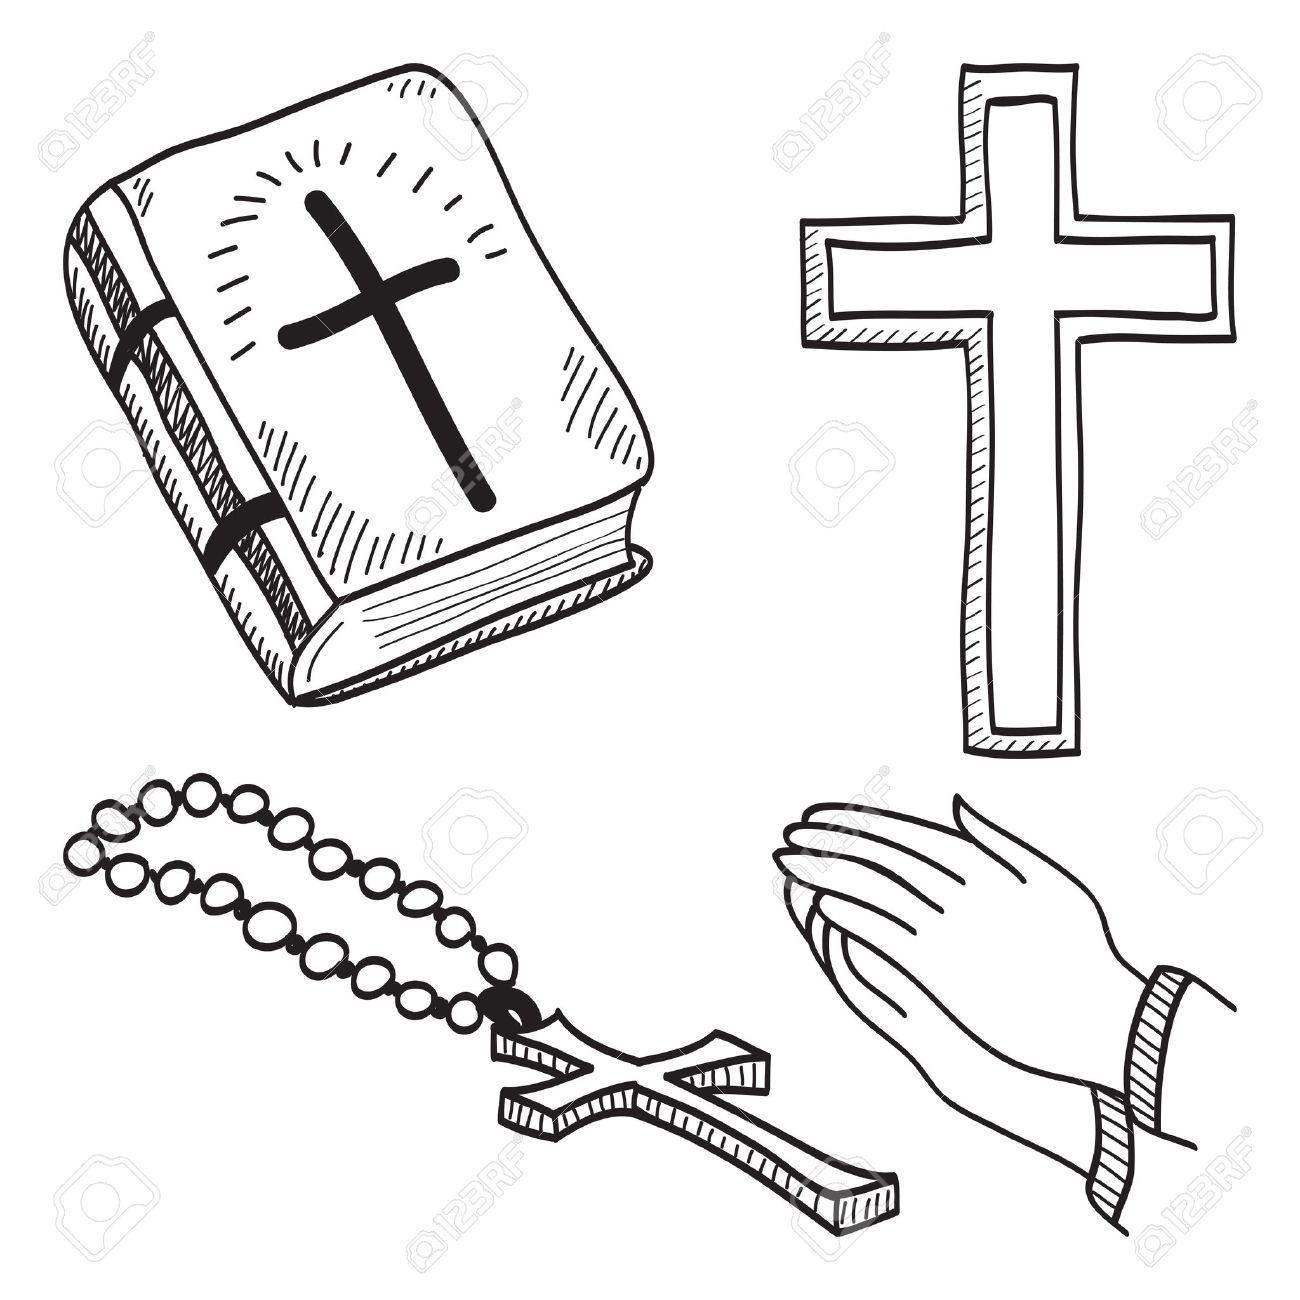 キリスト教手描きイラスト クロス聖書手ロザリオの記号します